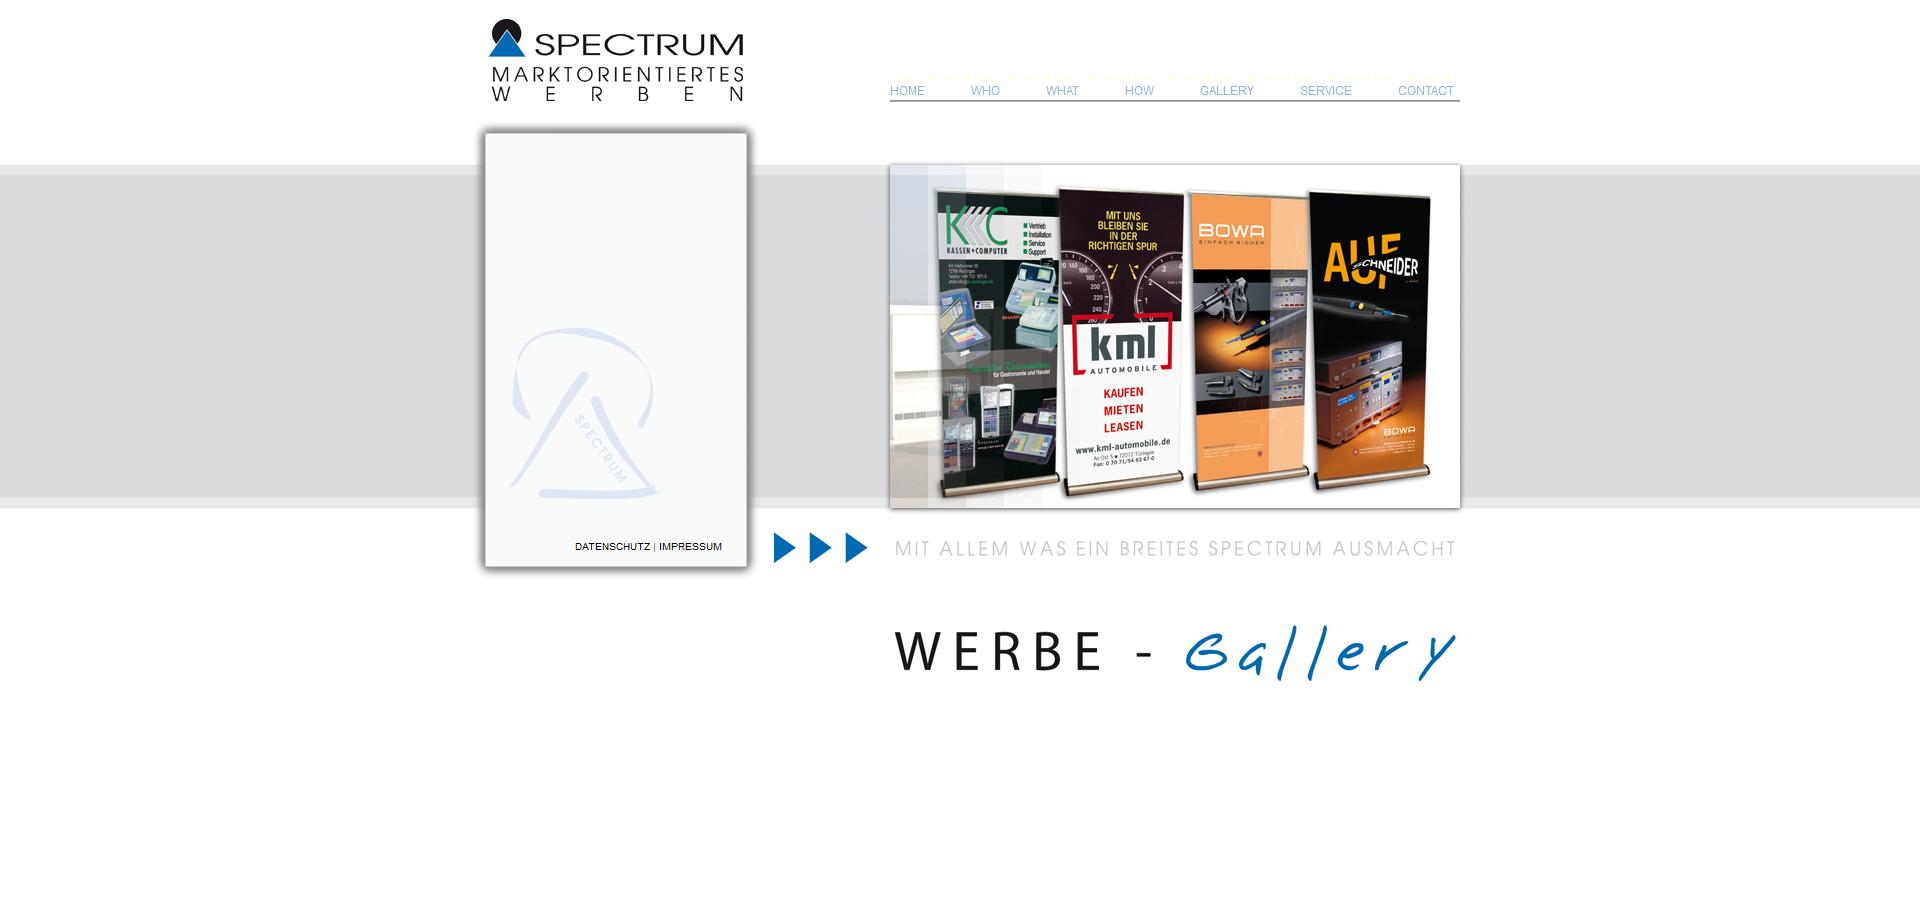 bsp_werbeagentur-spectrum